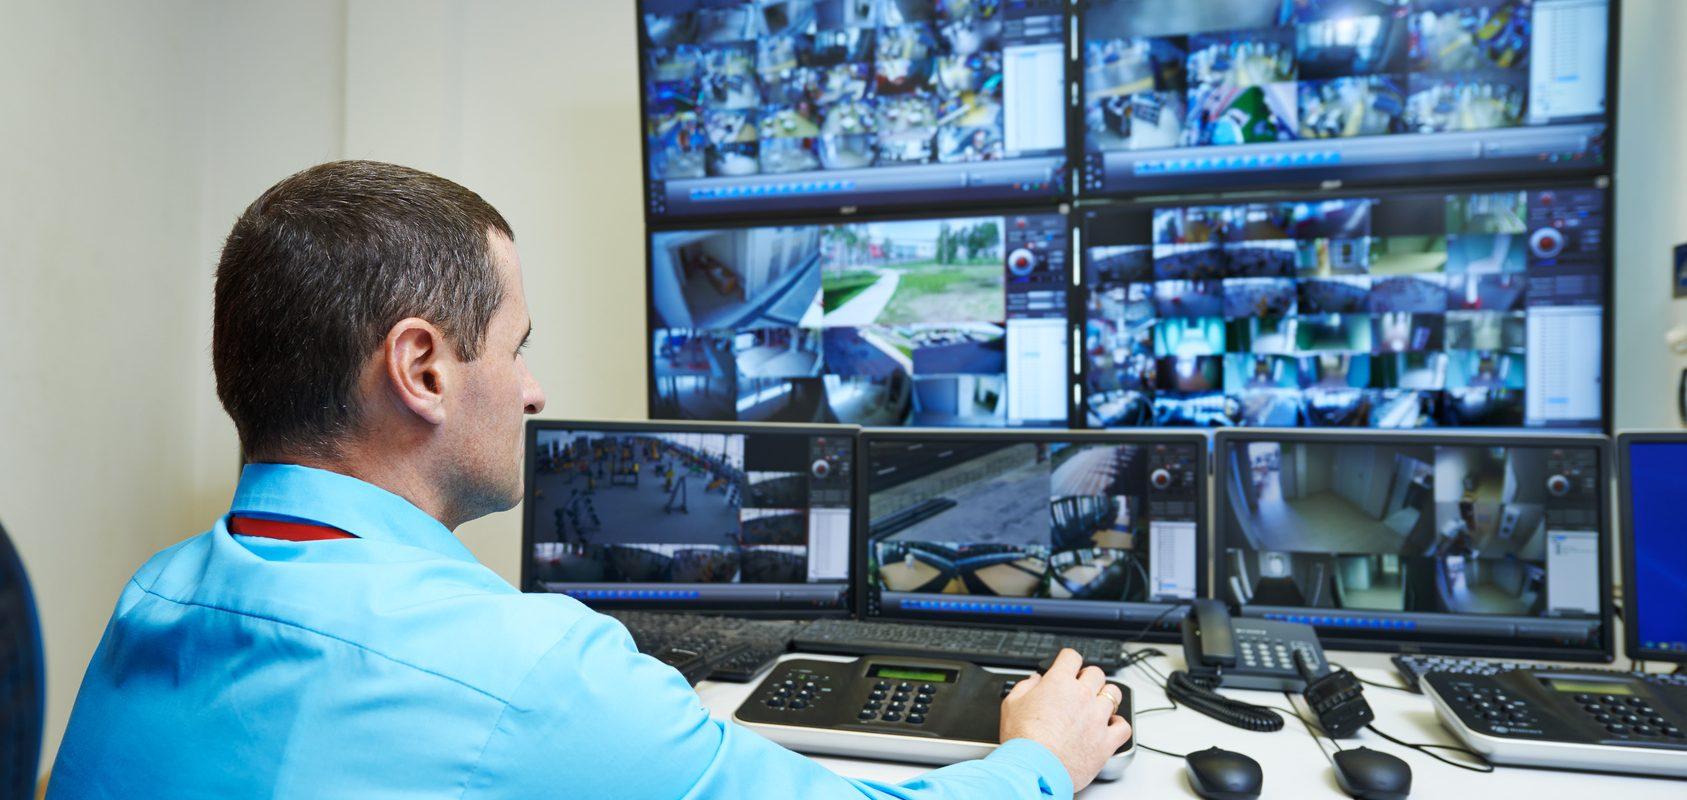 Охрана офисов и магазинов в Екатеринбурге